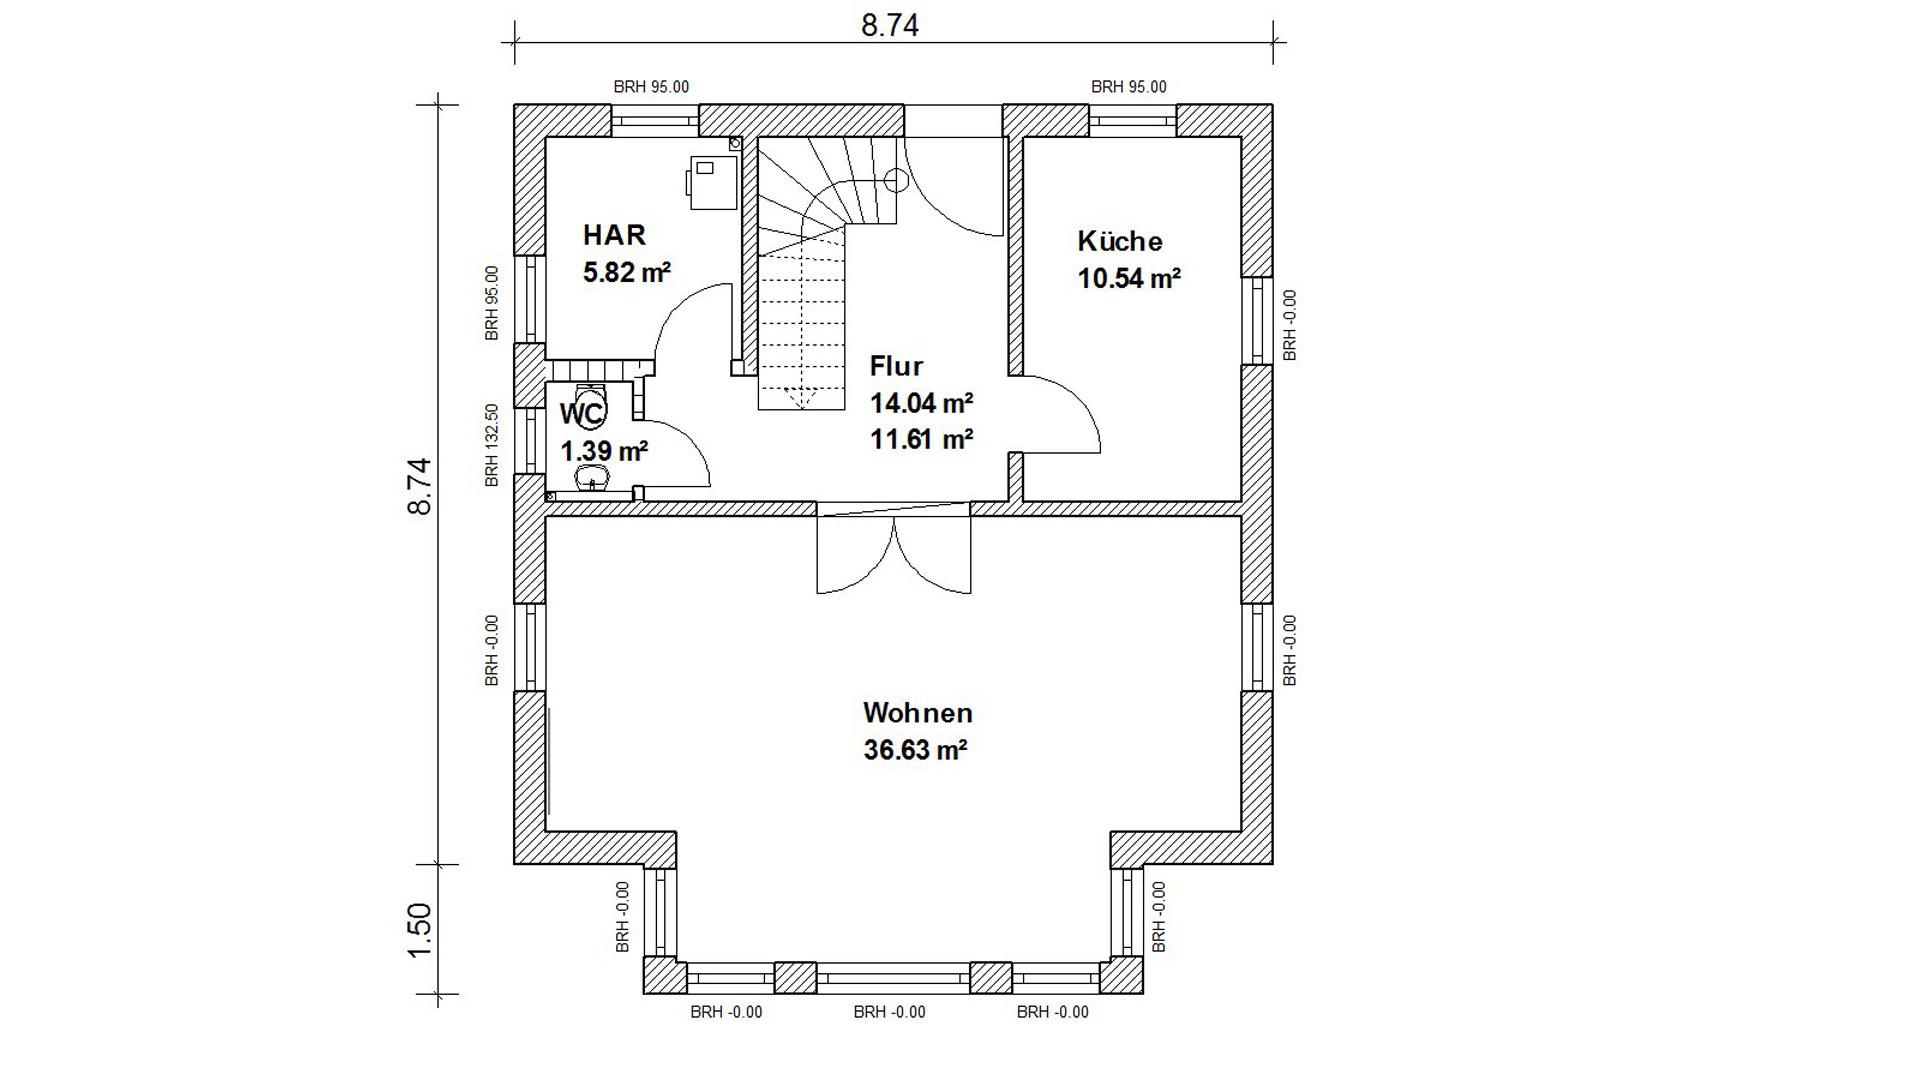 Wohnbaukonzept: ausgewählte Planungsideen